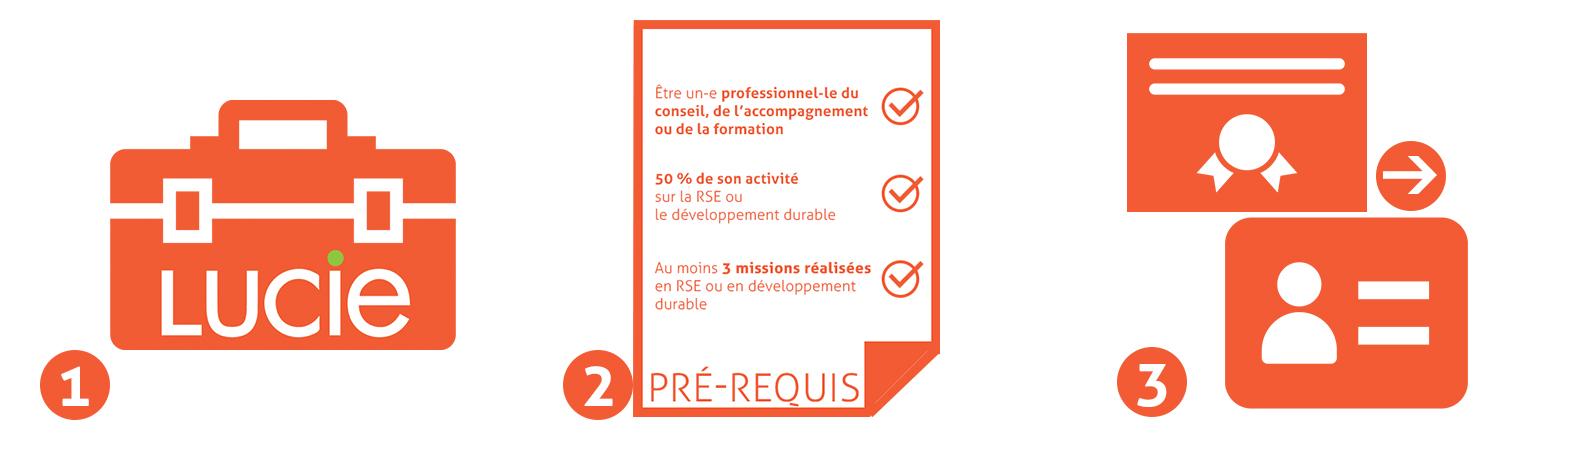 3-etapes-consultants